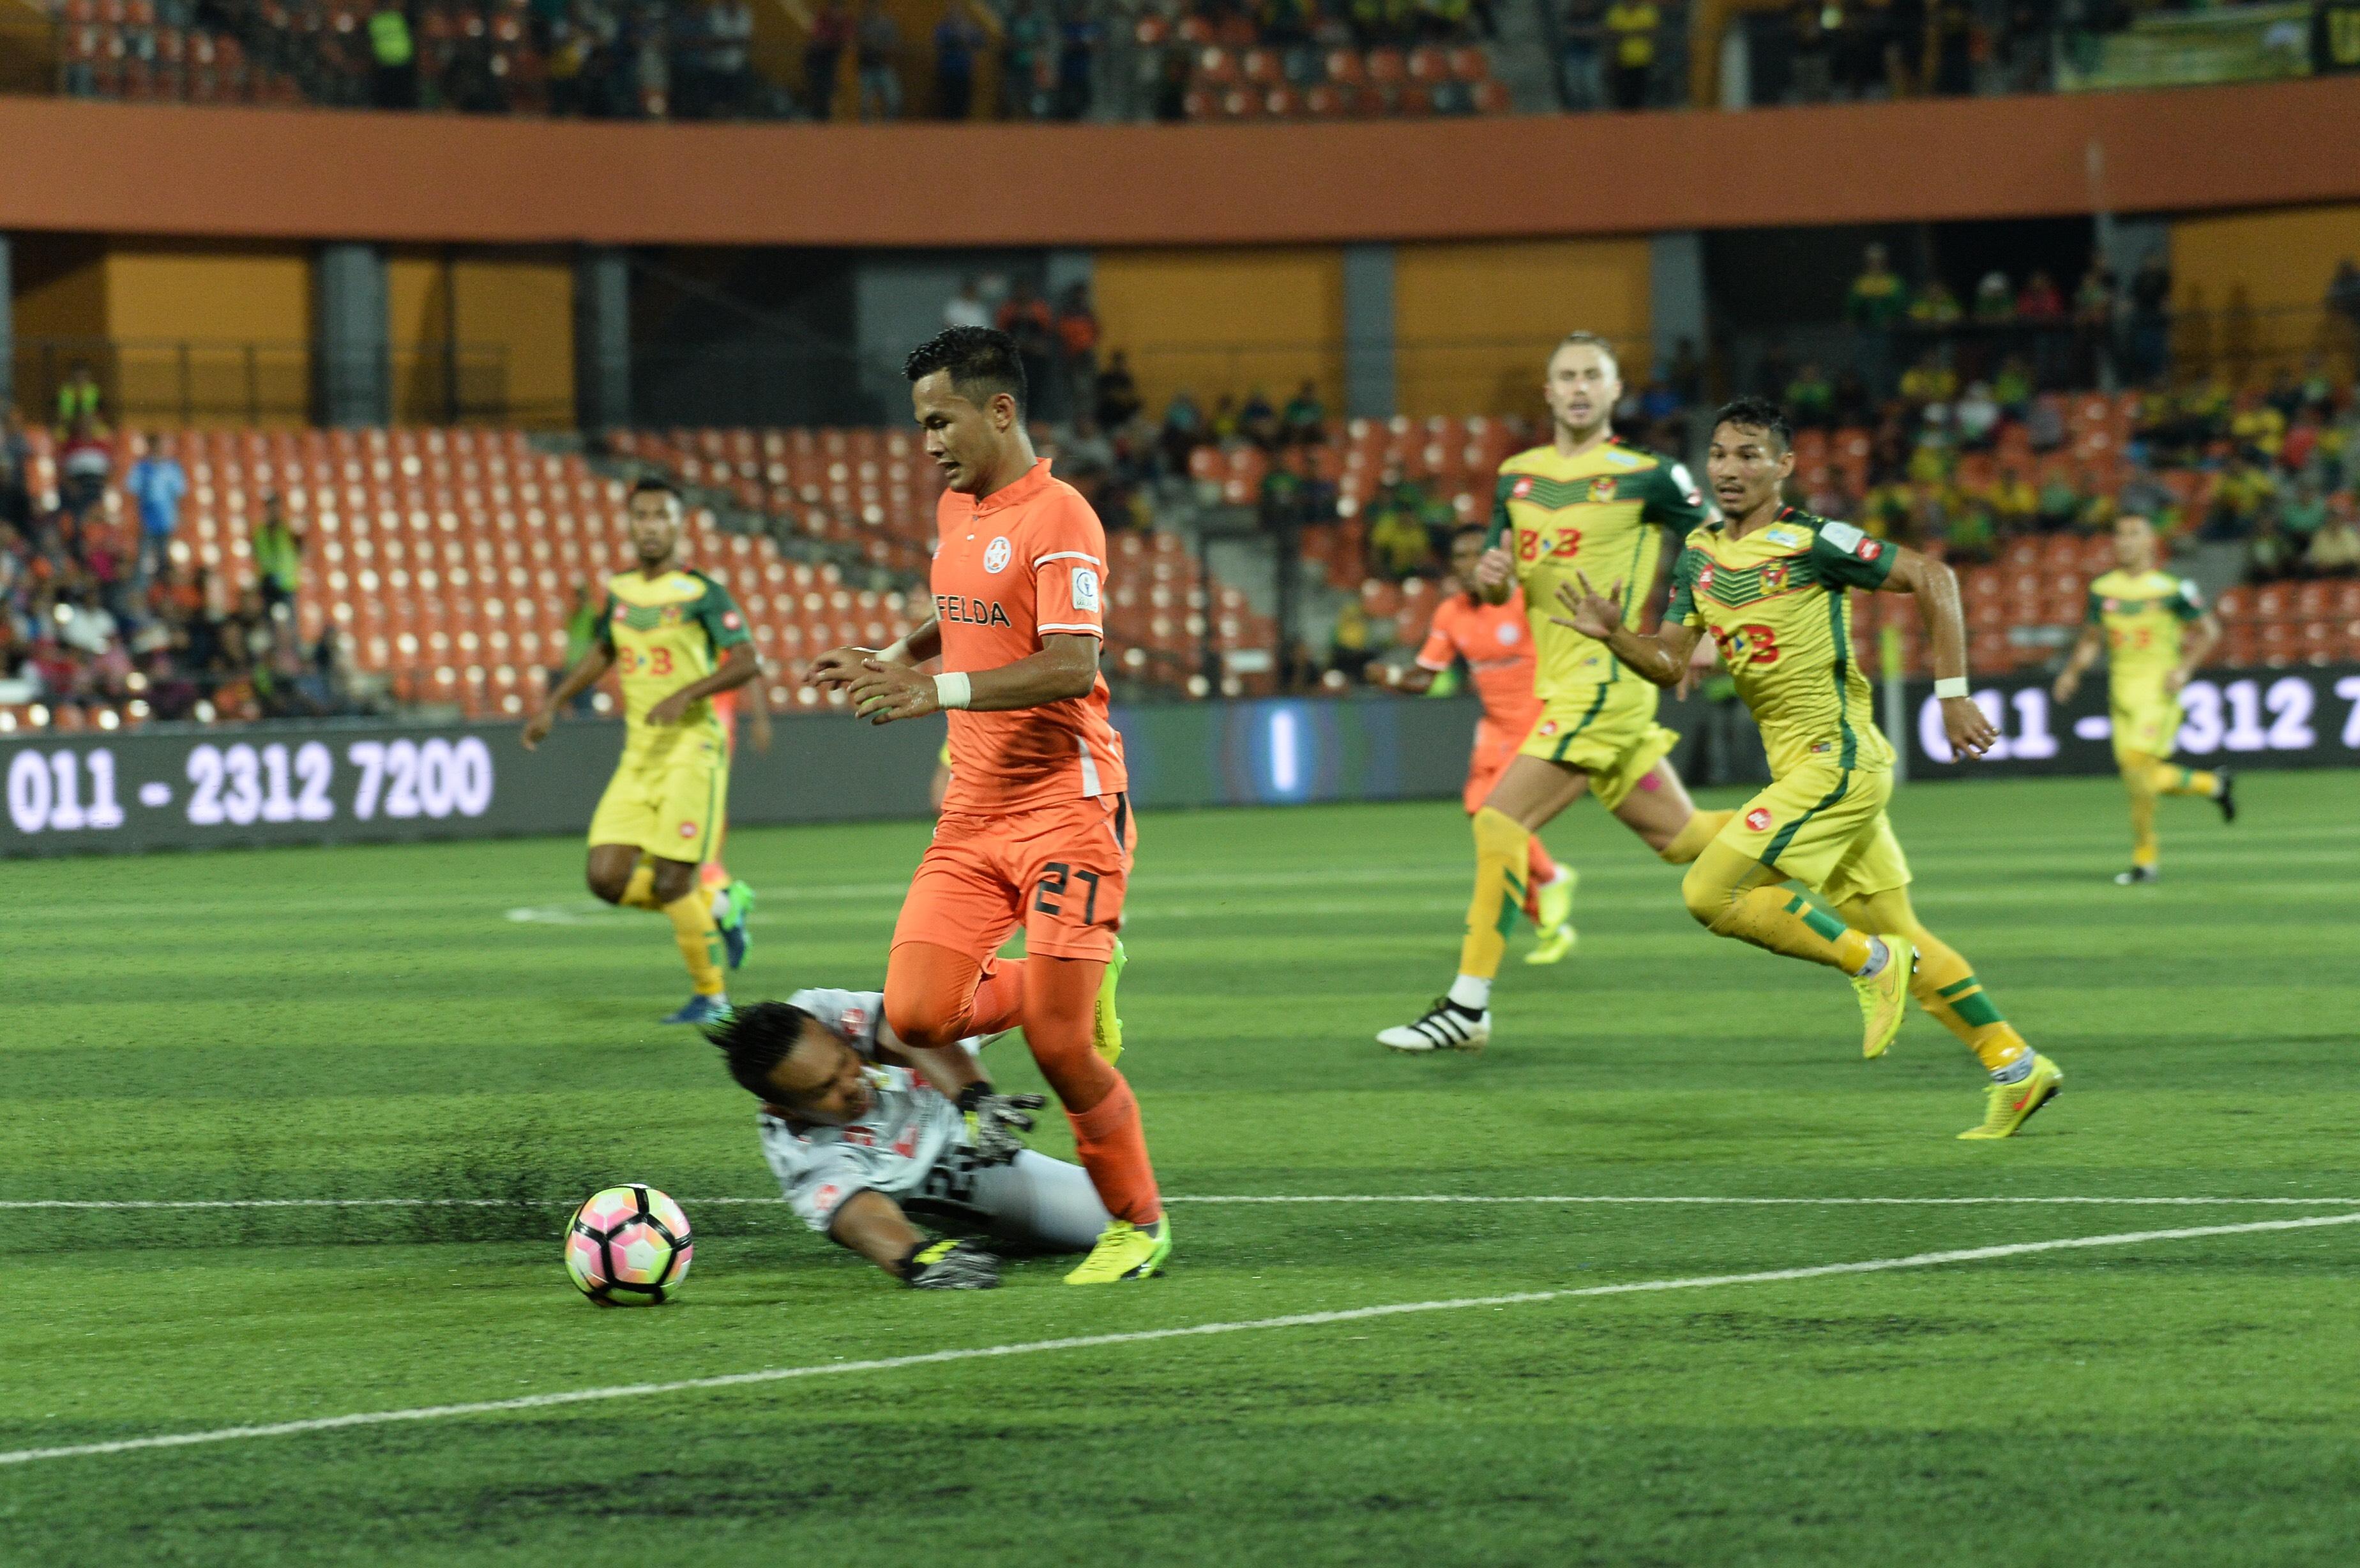 Hadin Azman Ifwat Akmal Felda United Kedah Super League 4/2/17